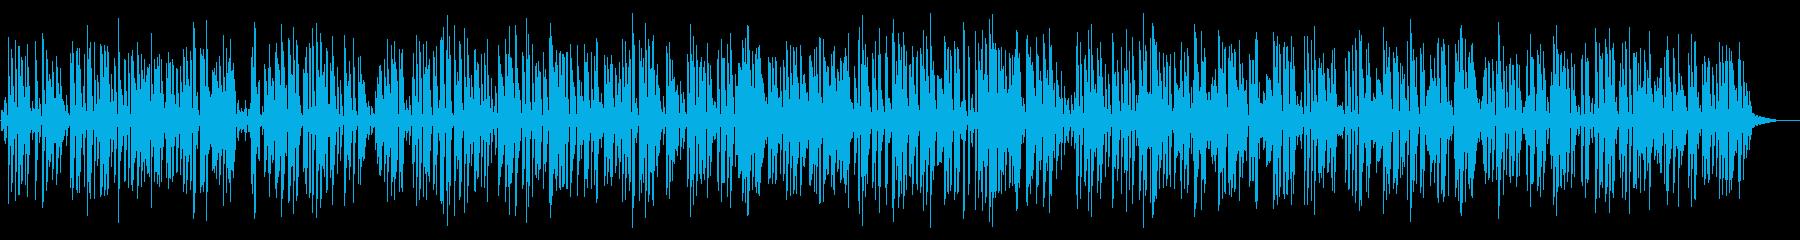 アダルトで大人なジャズバーのピアノの再生済みの波形